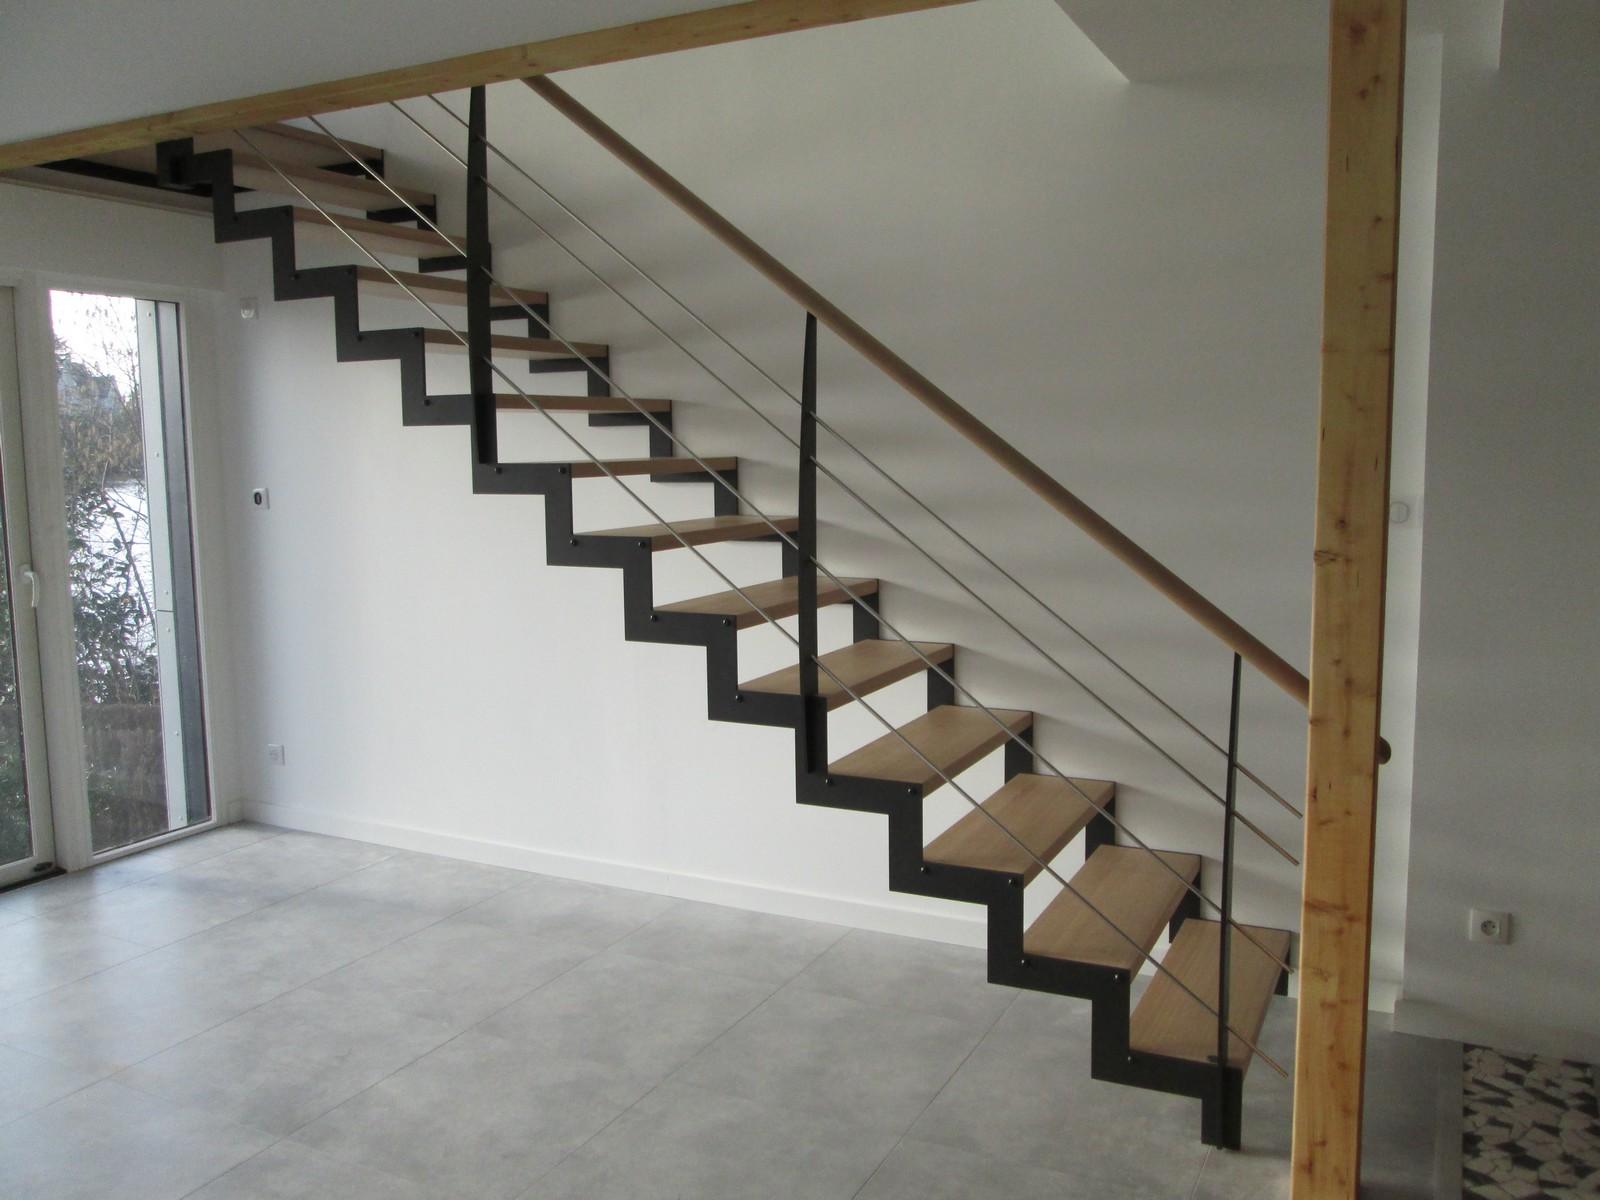 Peinture Escalier Noir Mat accueil - atelier glotin à pontchateau fabrication d